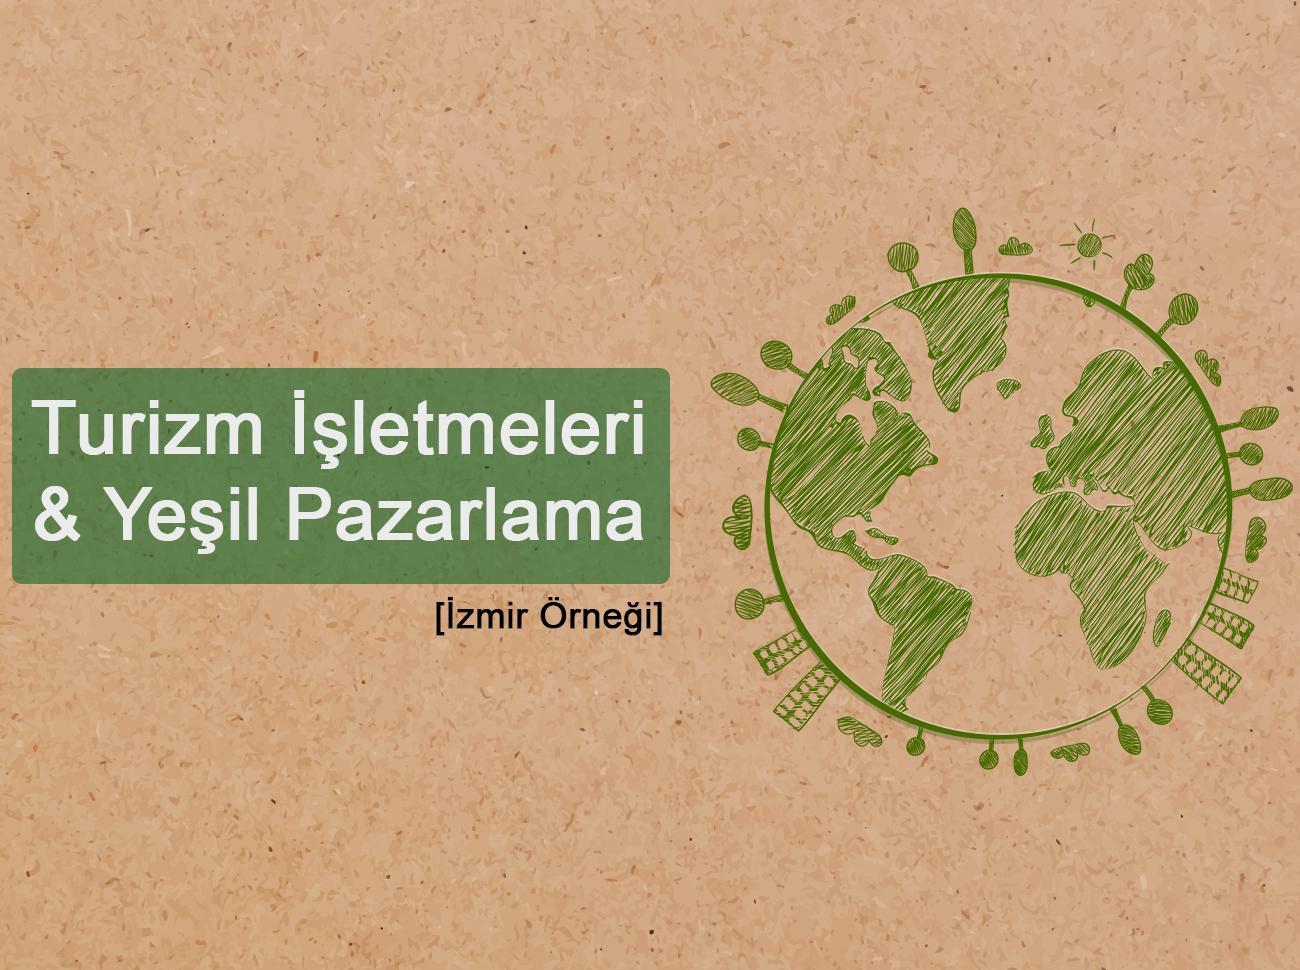 Turizm İşletmelerinde Yeşil Pazarlama Uygulamaları (İzmir Örneği)